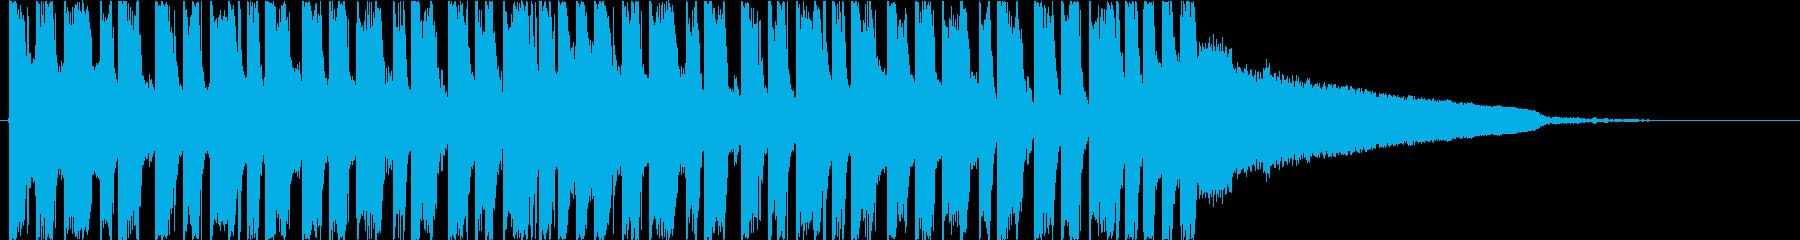 かっこいいEDM ベース クールの再生済みの波形